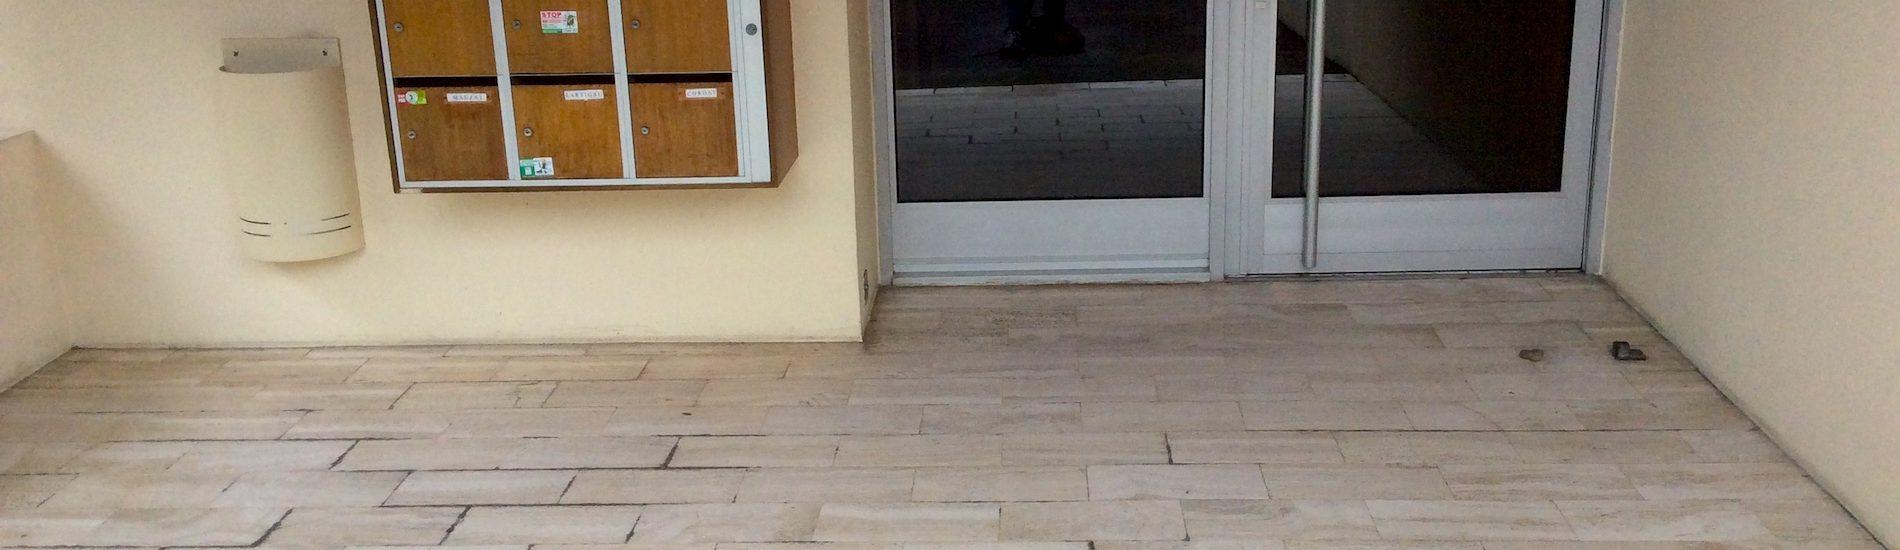 Entreprise nettoyage immeuble, copropriété - Nettoyage industriel Wonder Cleaner